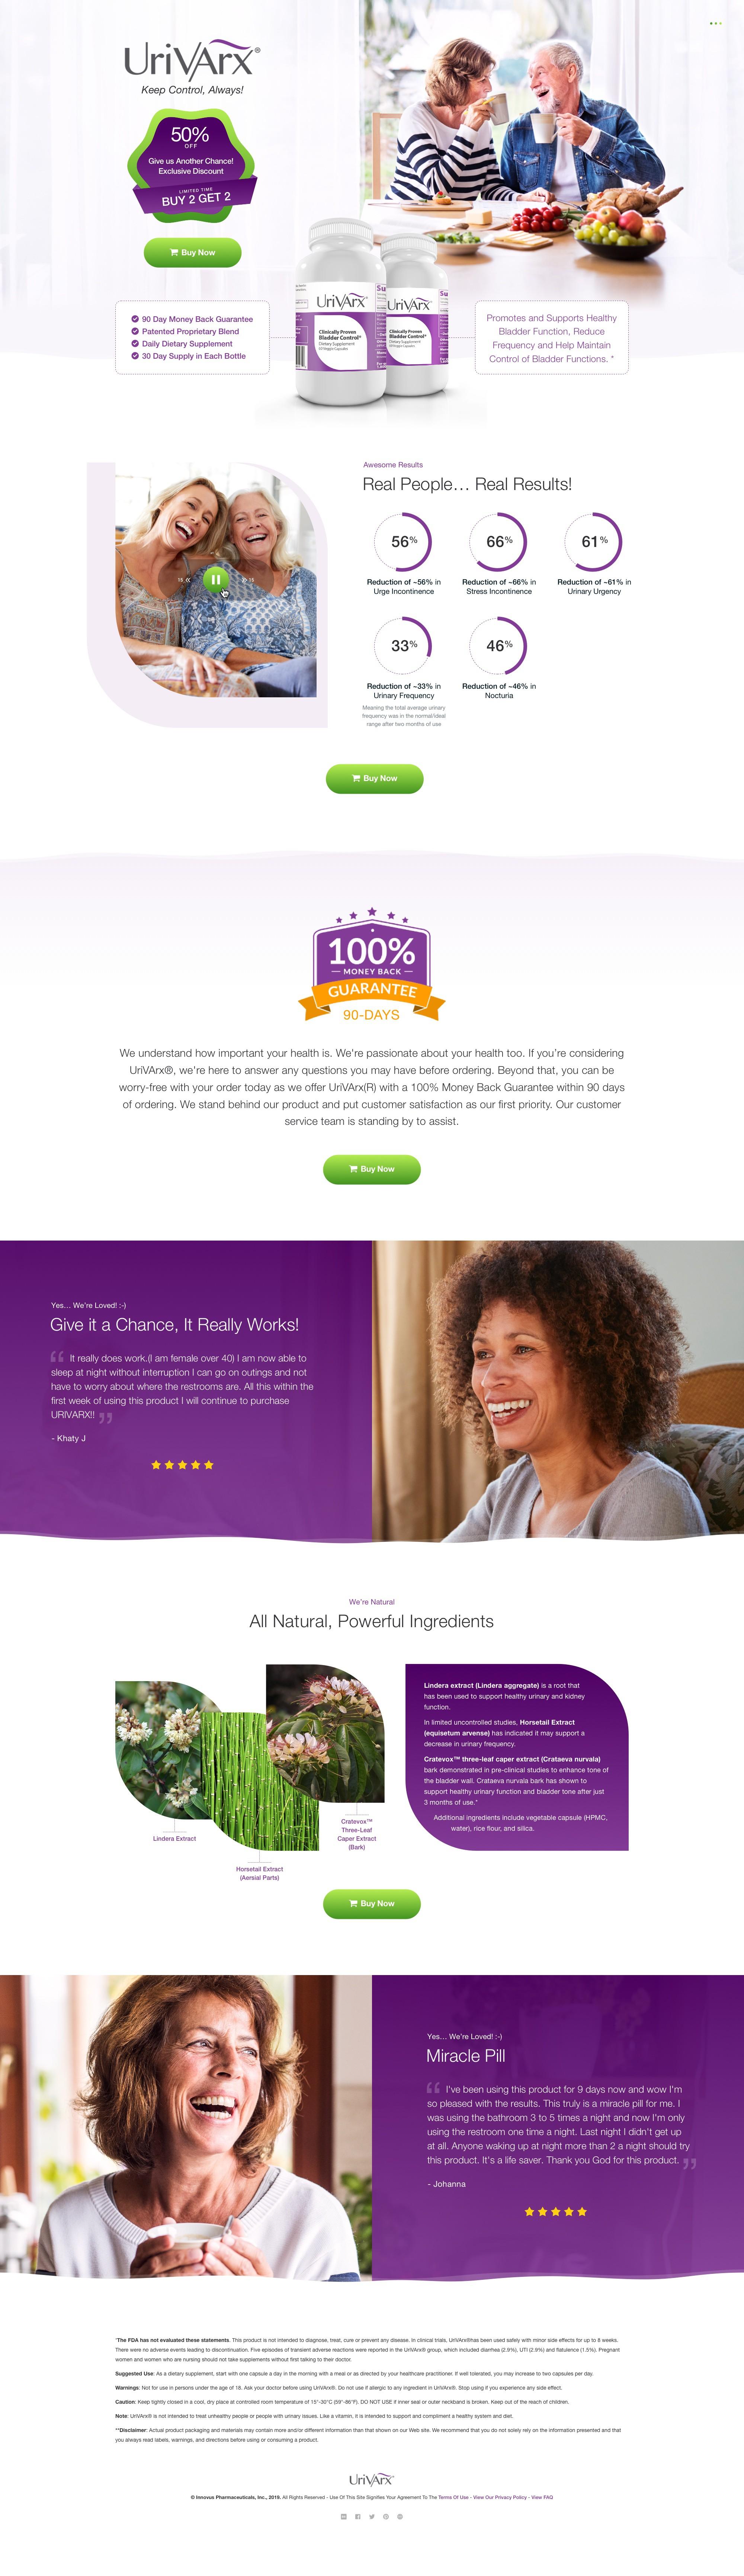 UriVArx Medium Form Landing Page - Content provided (needs redesign)